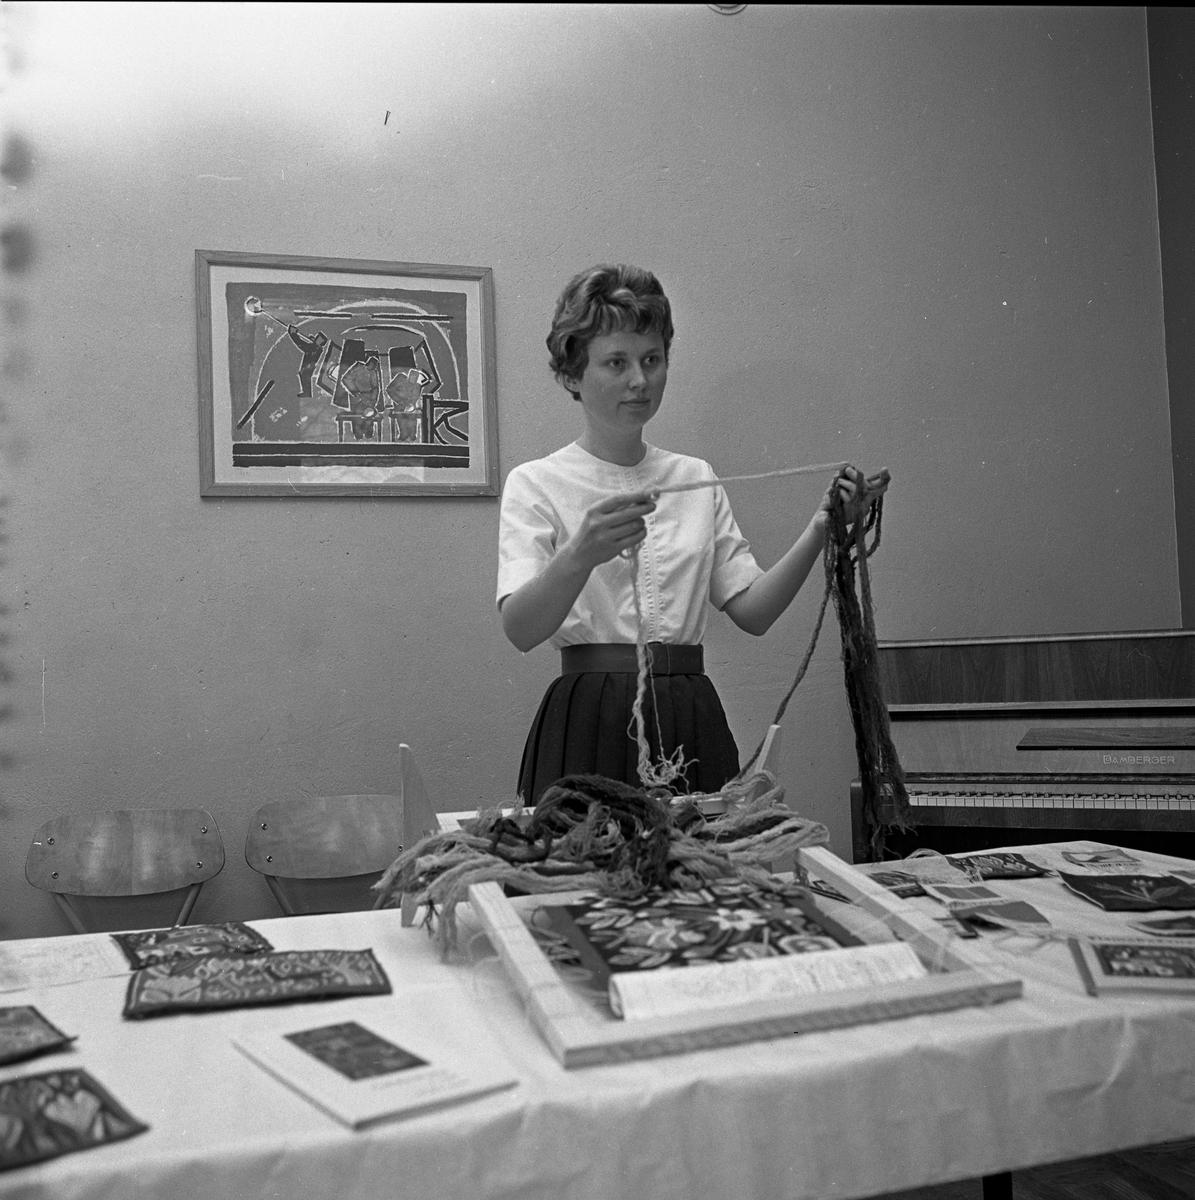 Arbetarnas Bildningsförbunds kursavslutning. En kvinna visar flamskväv i ram samt färdiga arbeten. Bilden är tagen i Fönstersalen i Medborgarhuset. I bakgrunden skymtar ett piano.